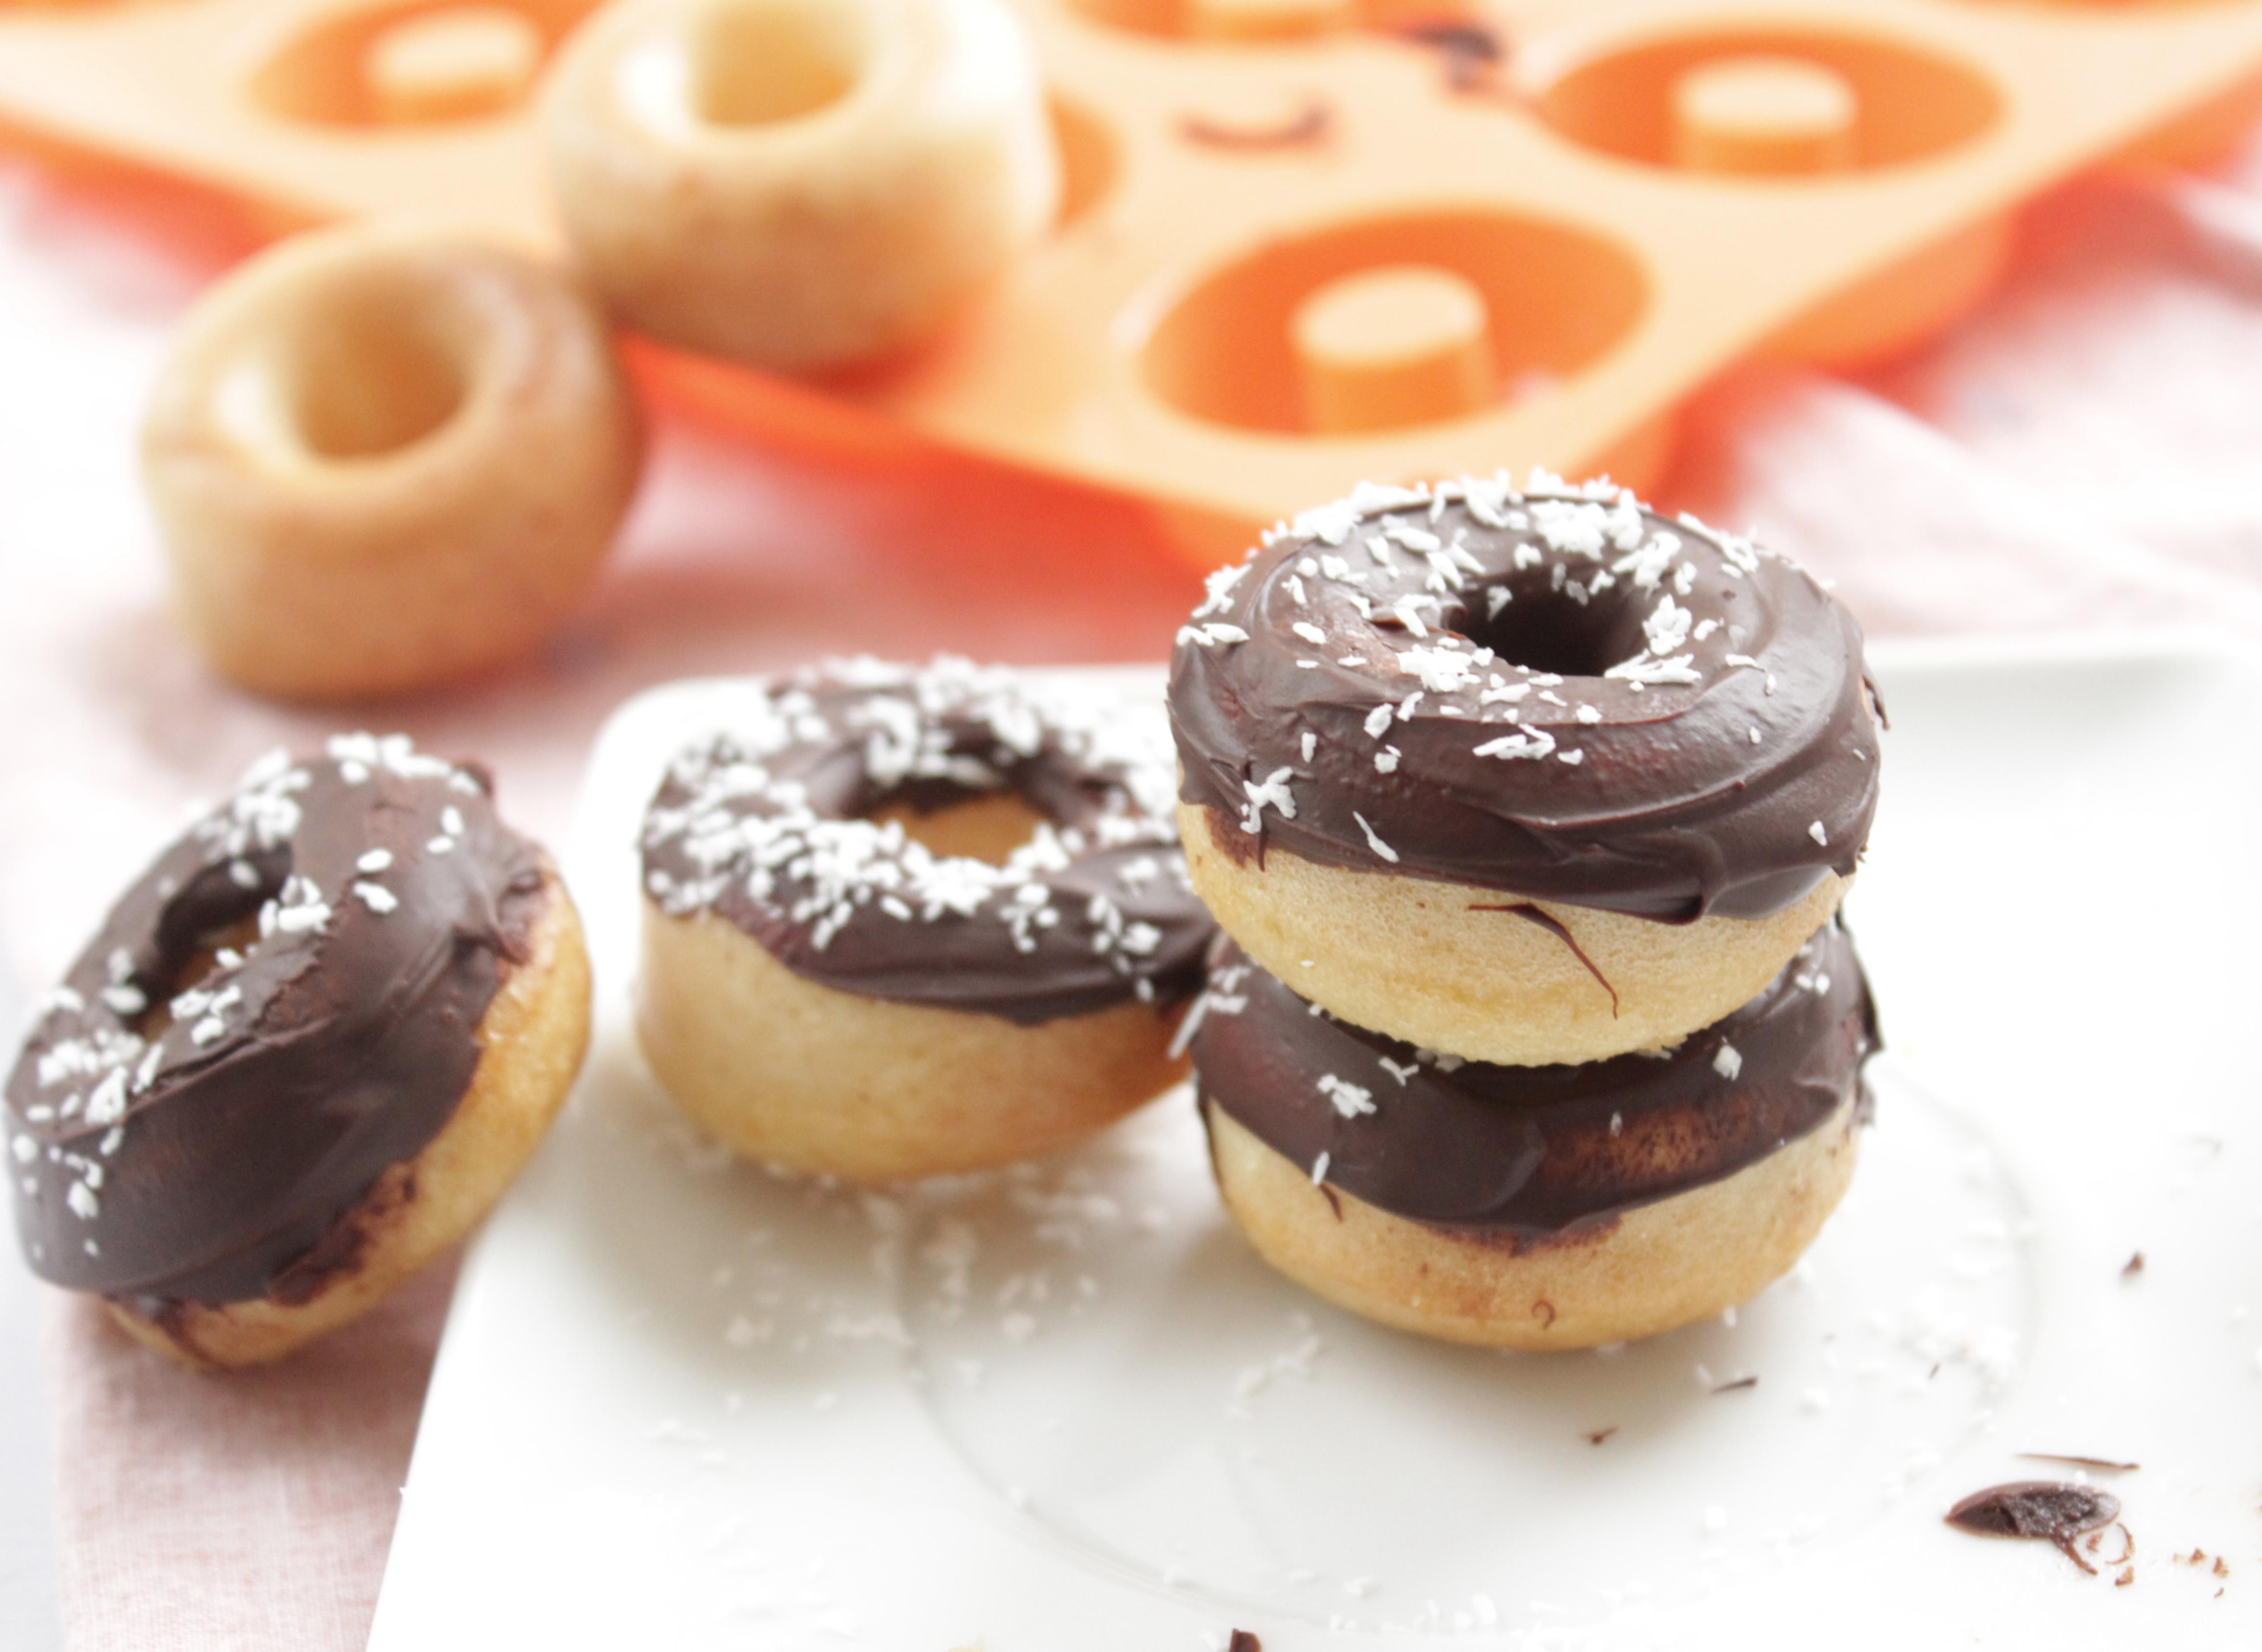 Comme un donuts, chocolat / noix de coco